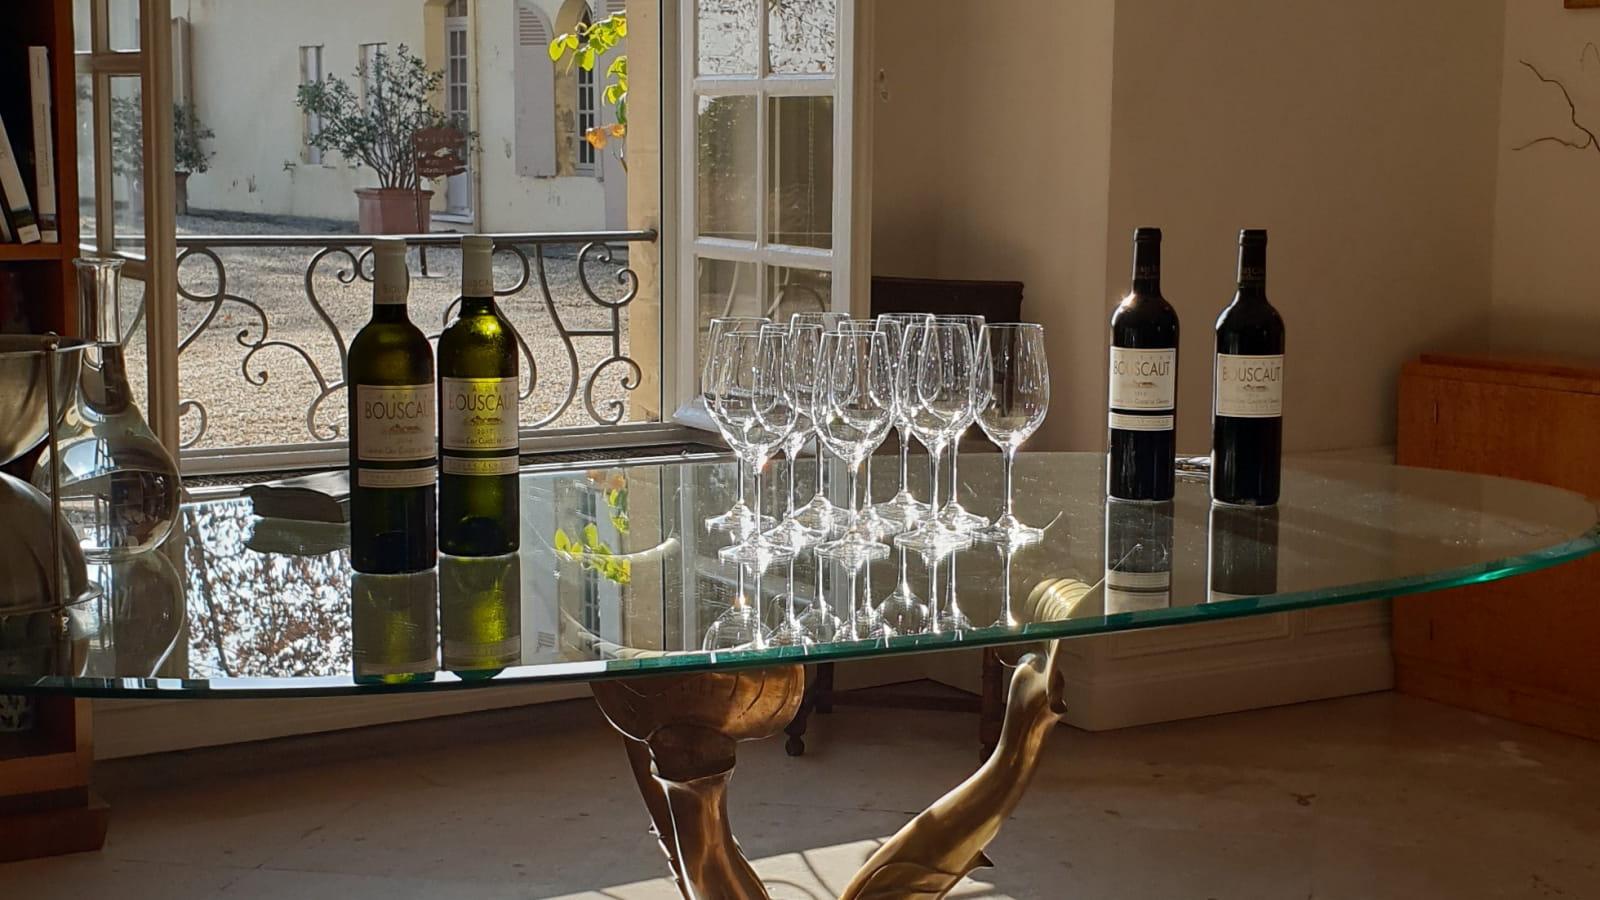 Accords mets et vins - BOUSCAUT